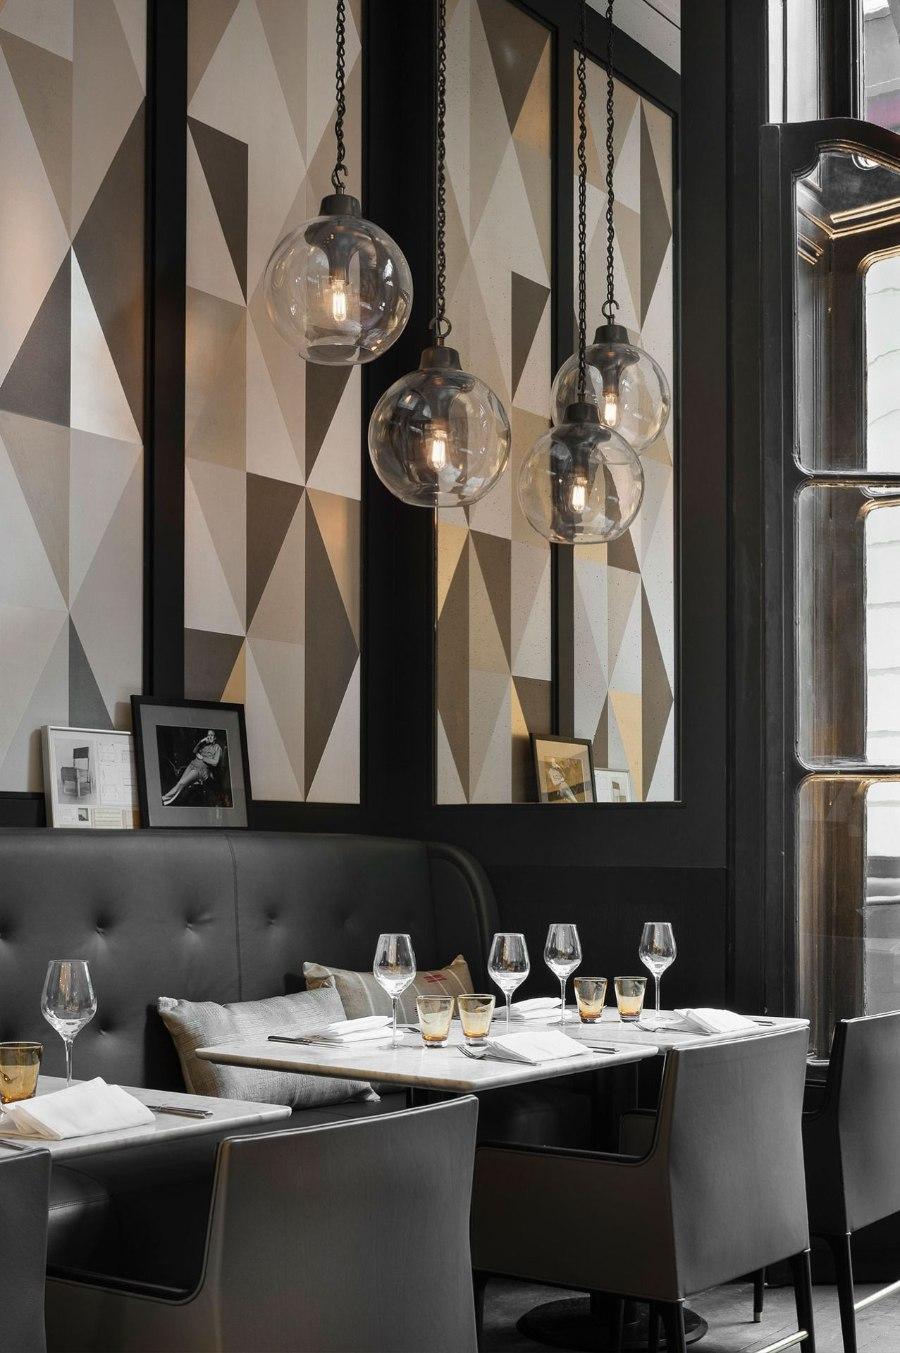 巴黎咖啡馆Artcurial,优雅的意大利设计风格